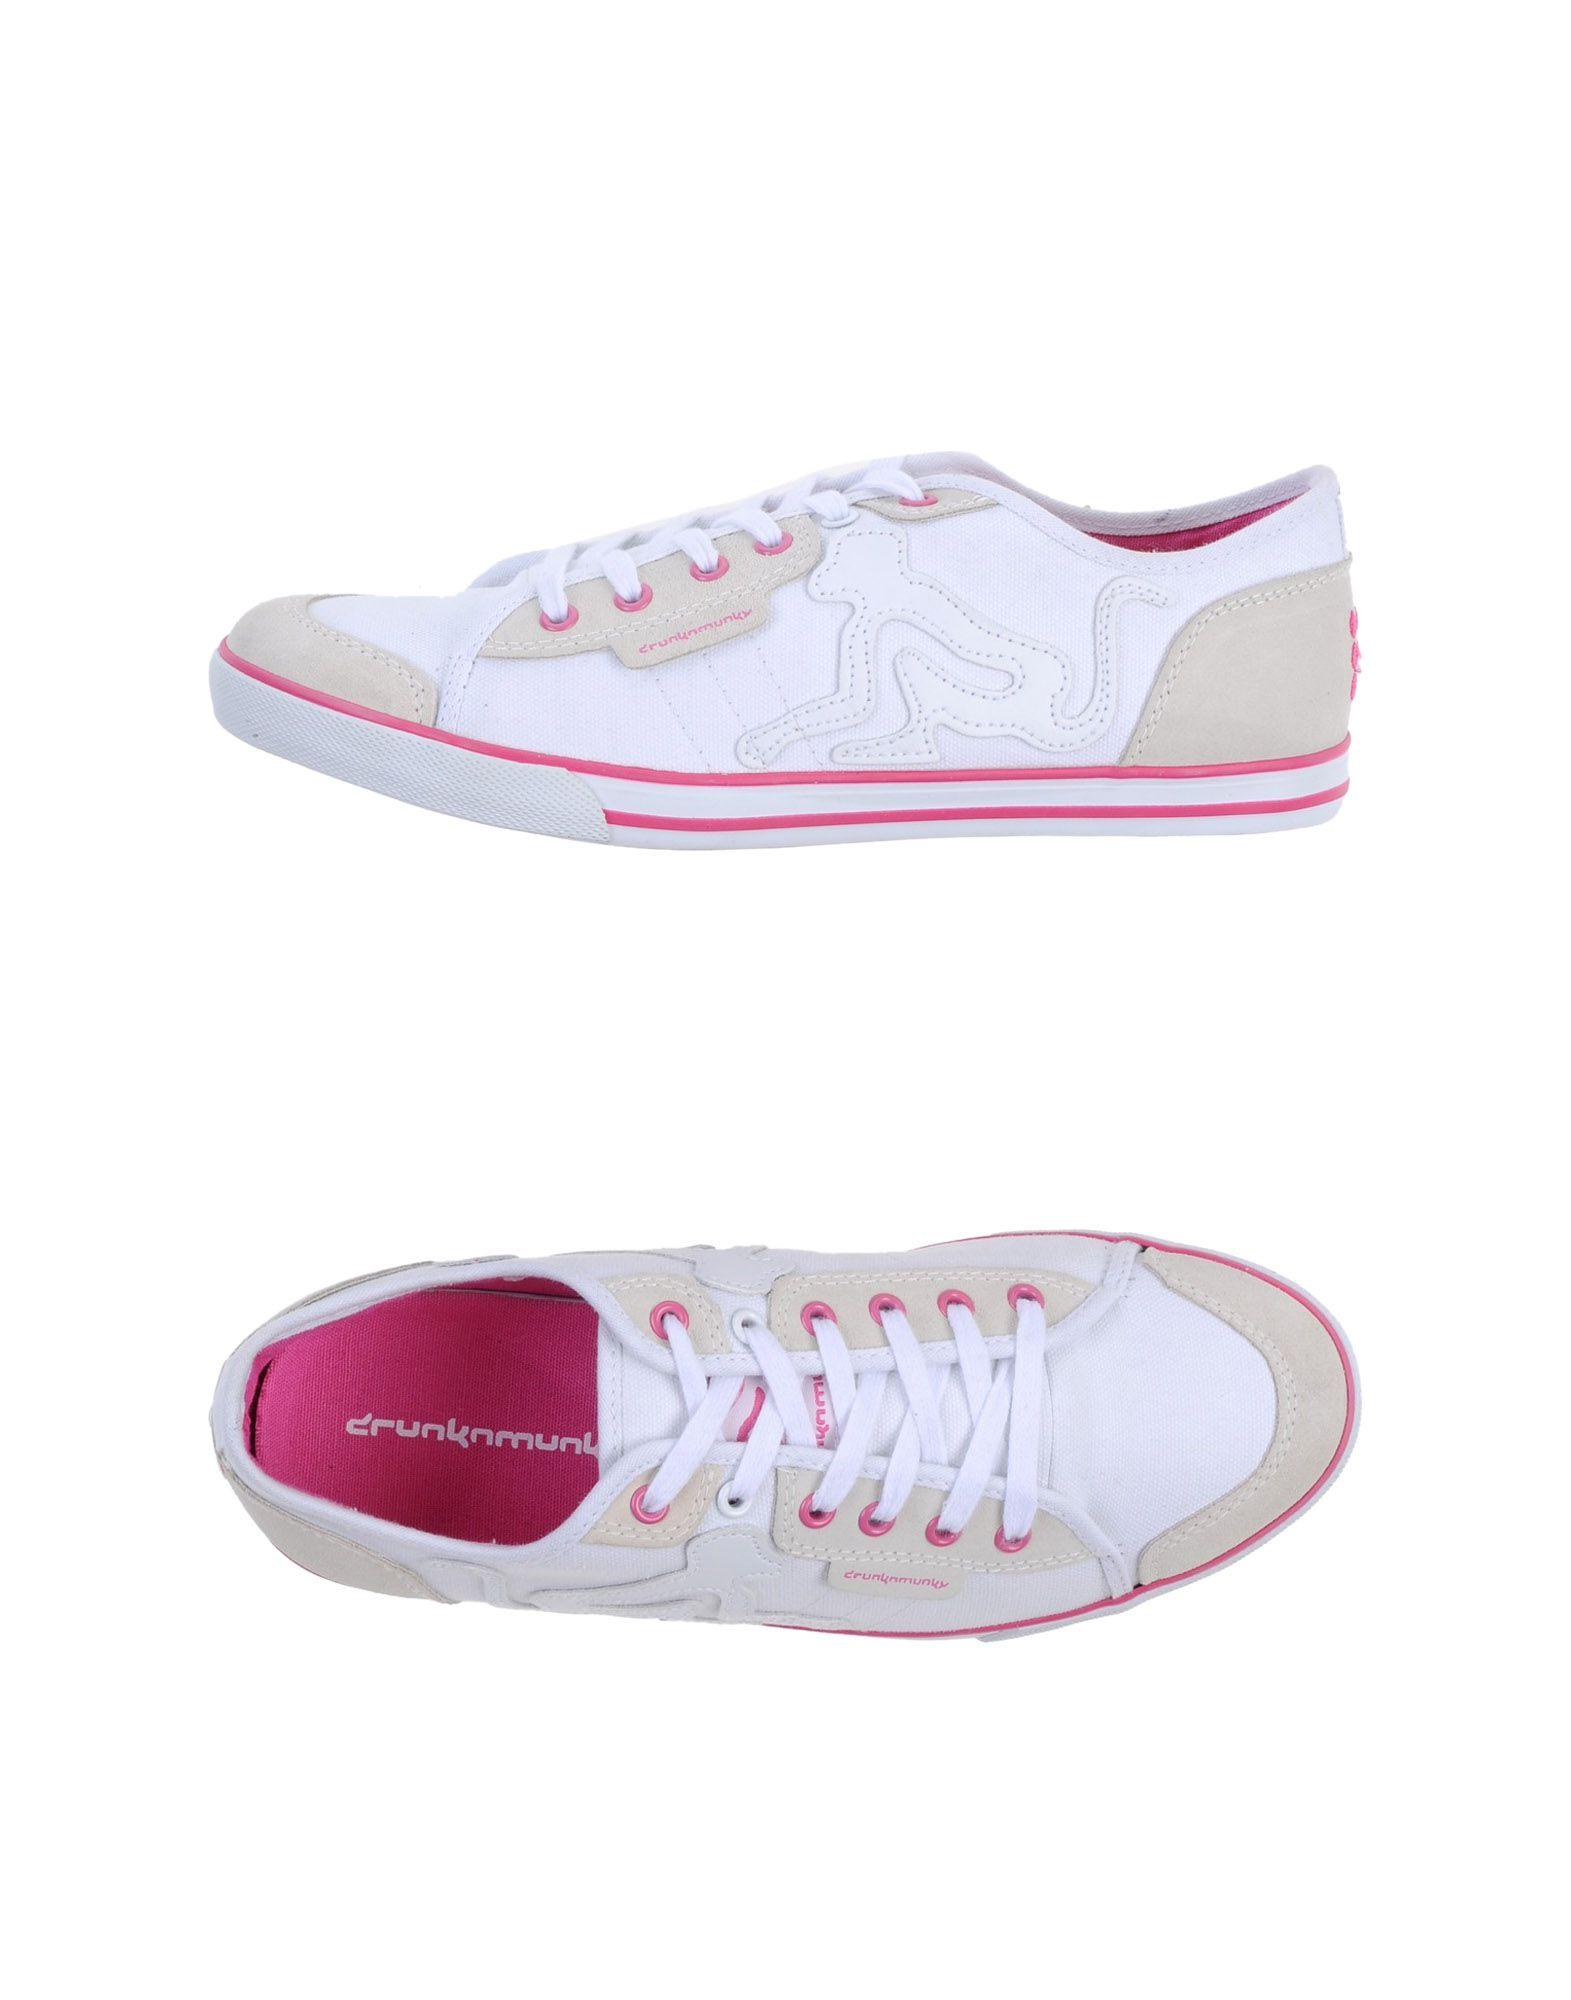 Drunknmunky Sneakers Qualität Damen  44828549UI Gute Qualität Sneakers beliebte Schuhe 9b6744